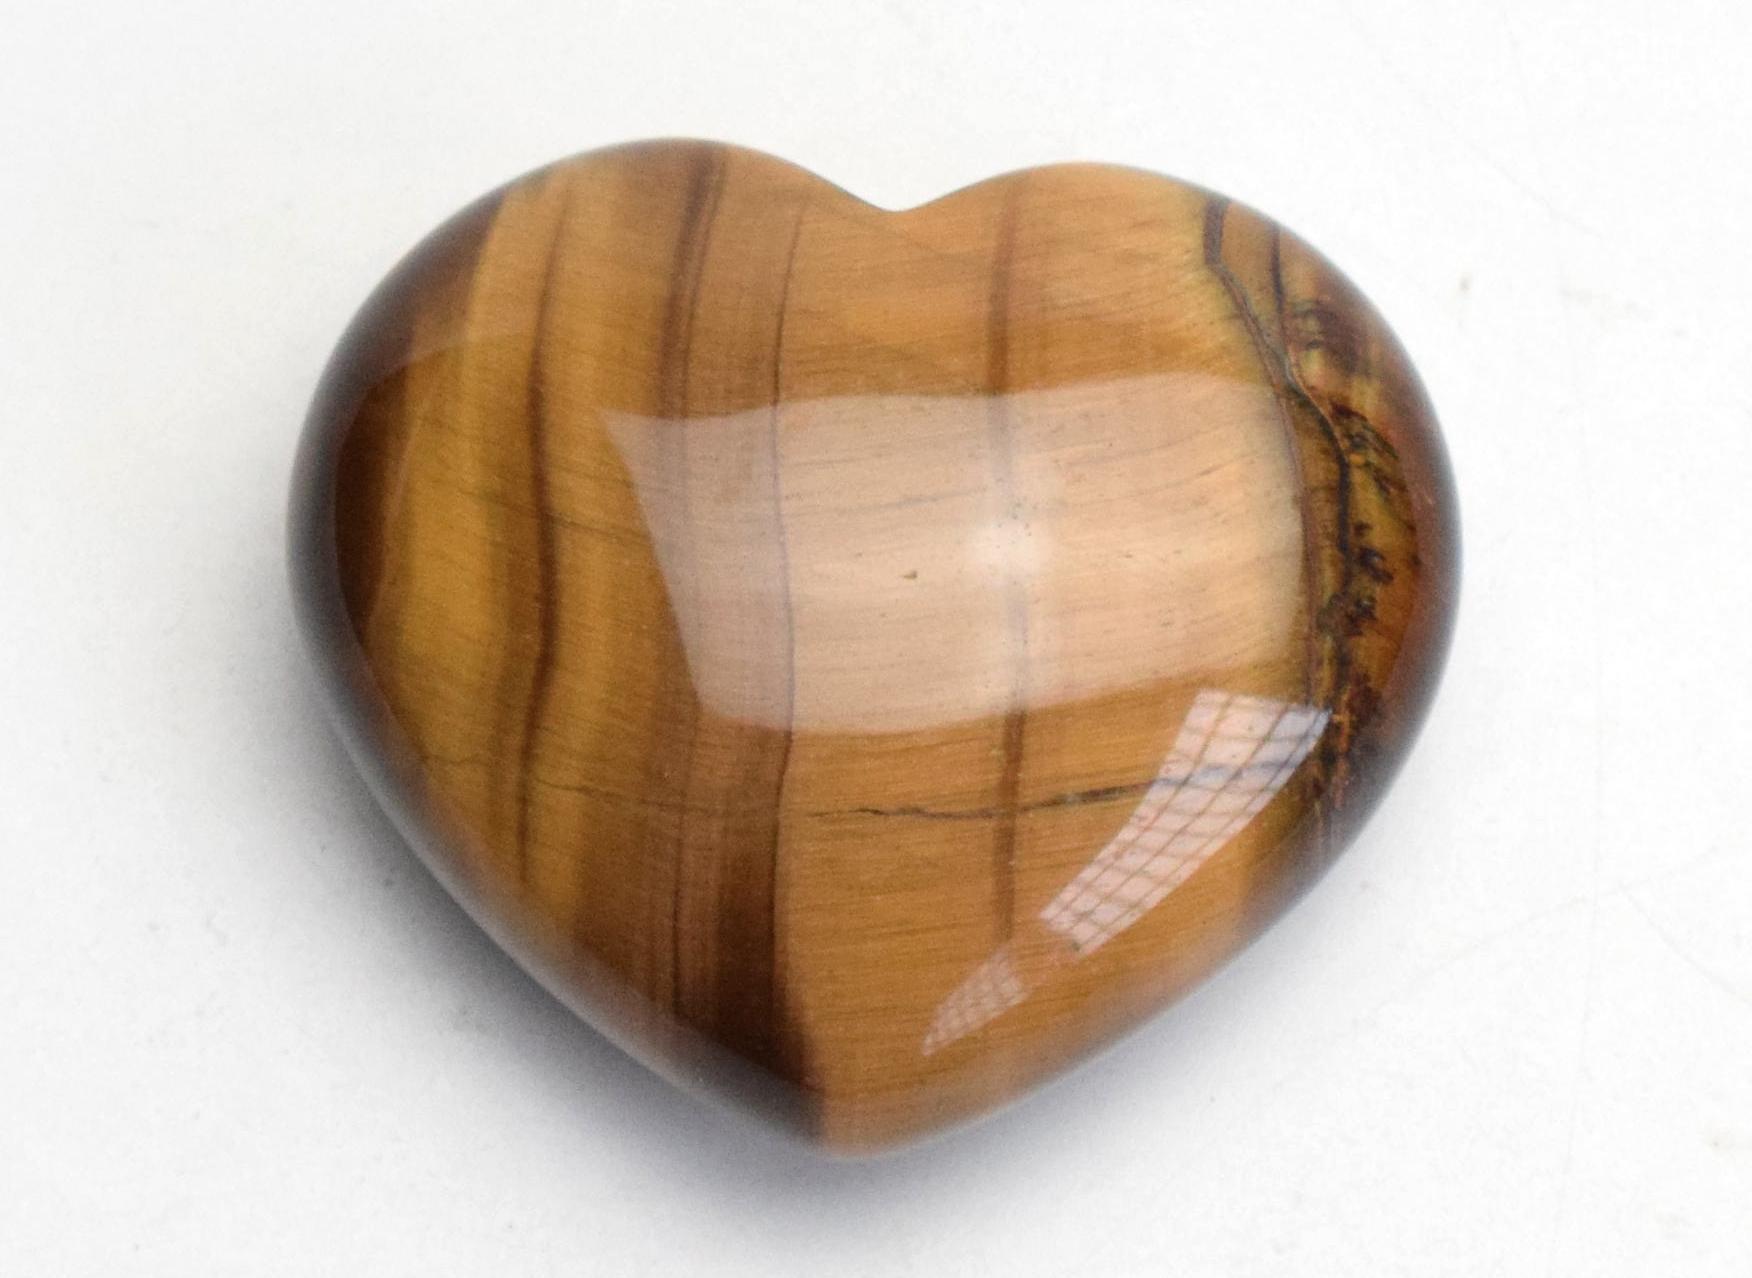 Натуральная Чакра Тигровый Глаз Камень Резной Кристалл Рэйки Исцеление Любовь Пухлый Камень В Форме Сердца